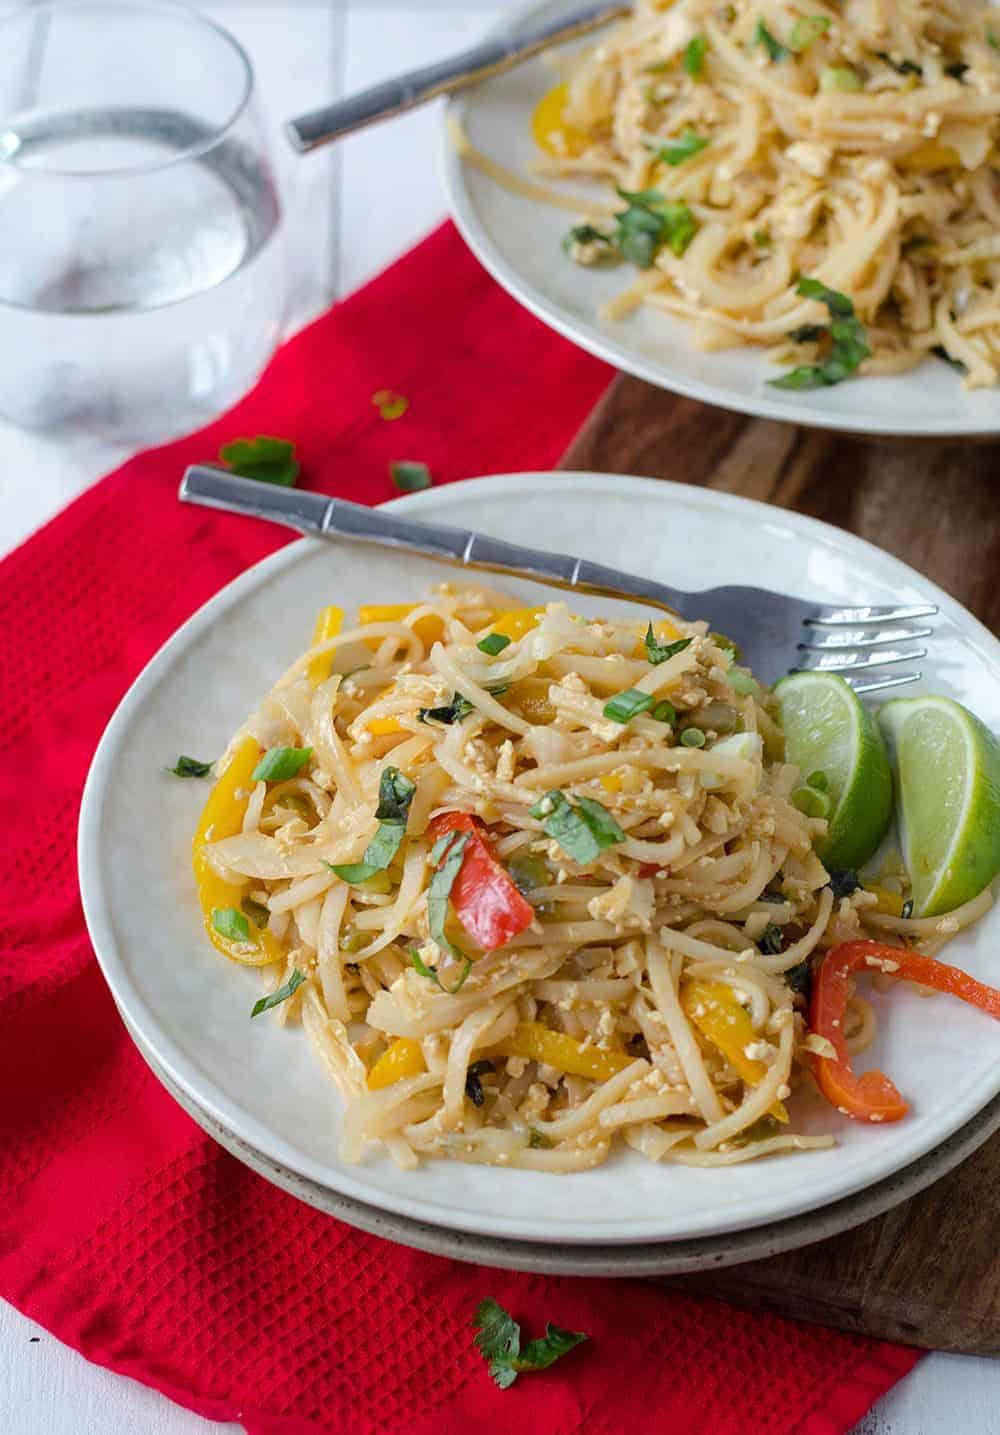 Easy vegan drunken noodles delish knowledge easy vegan drunken noodles spicy sauce with rice noodles and vegetables easier and healthier forumfinder Images